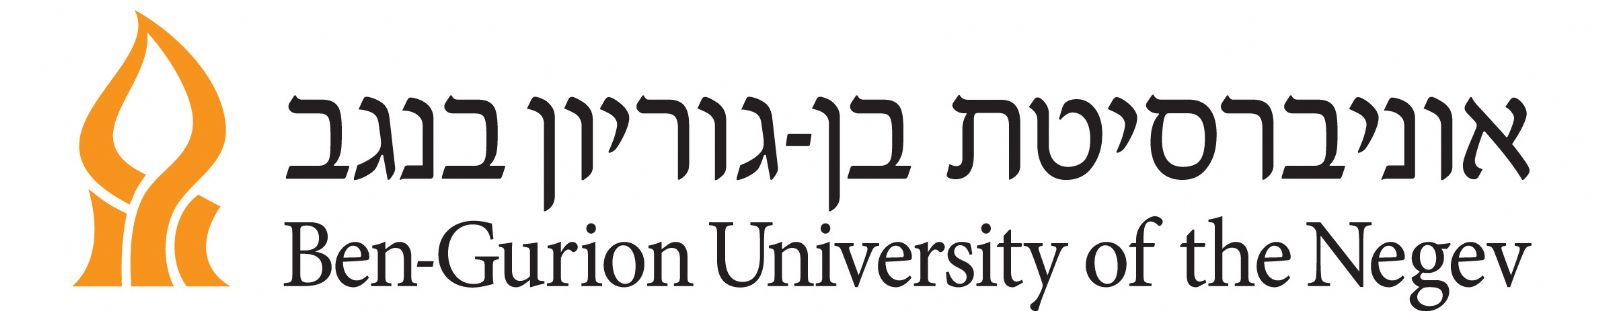 BGU University